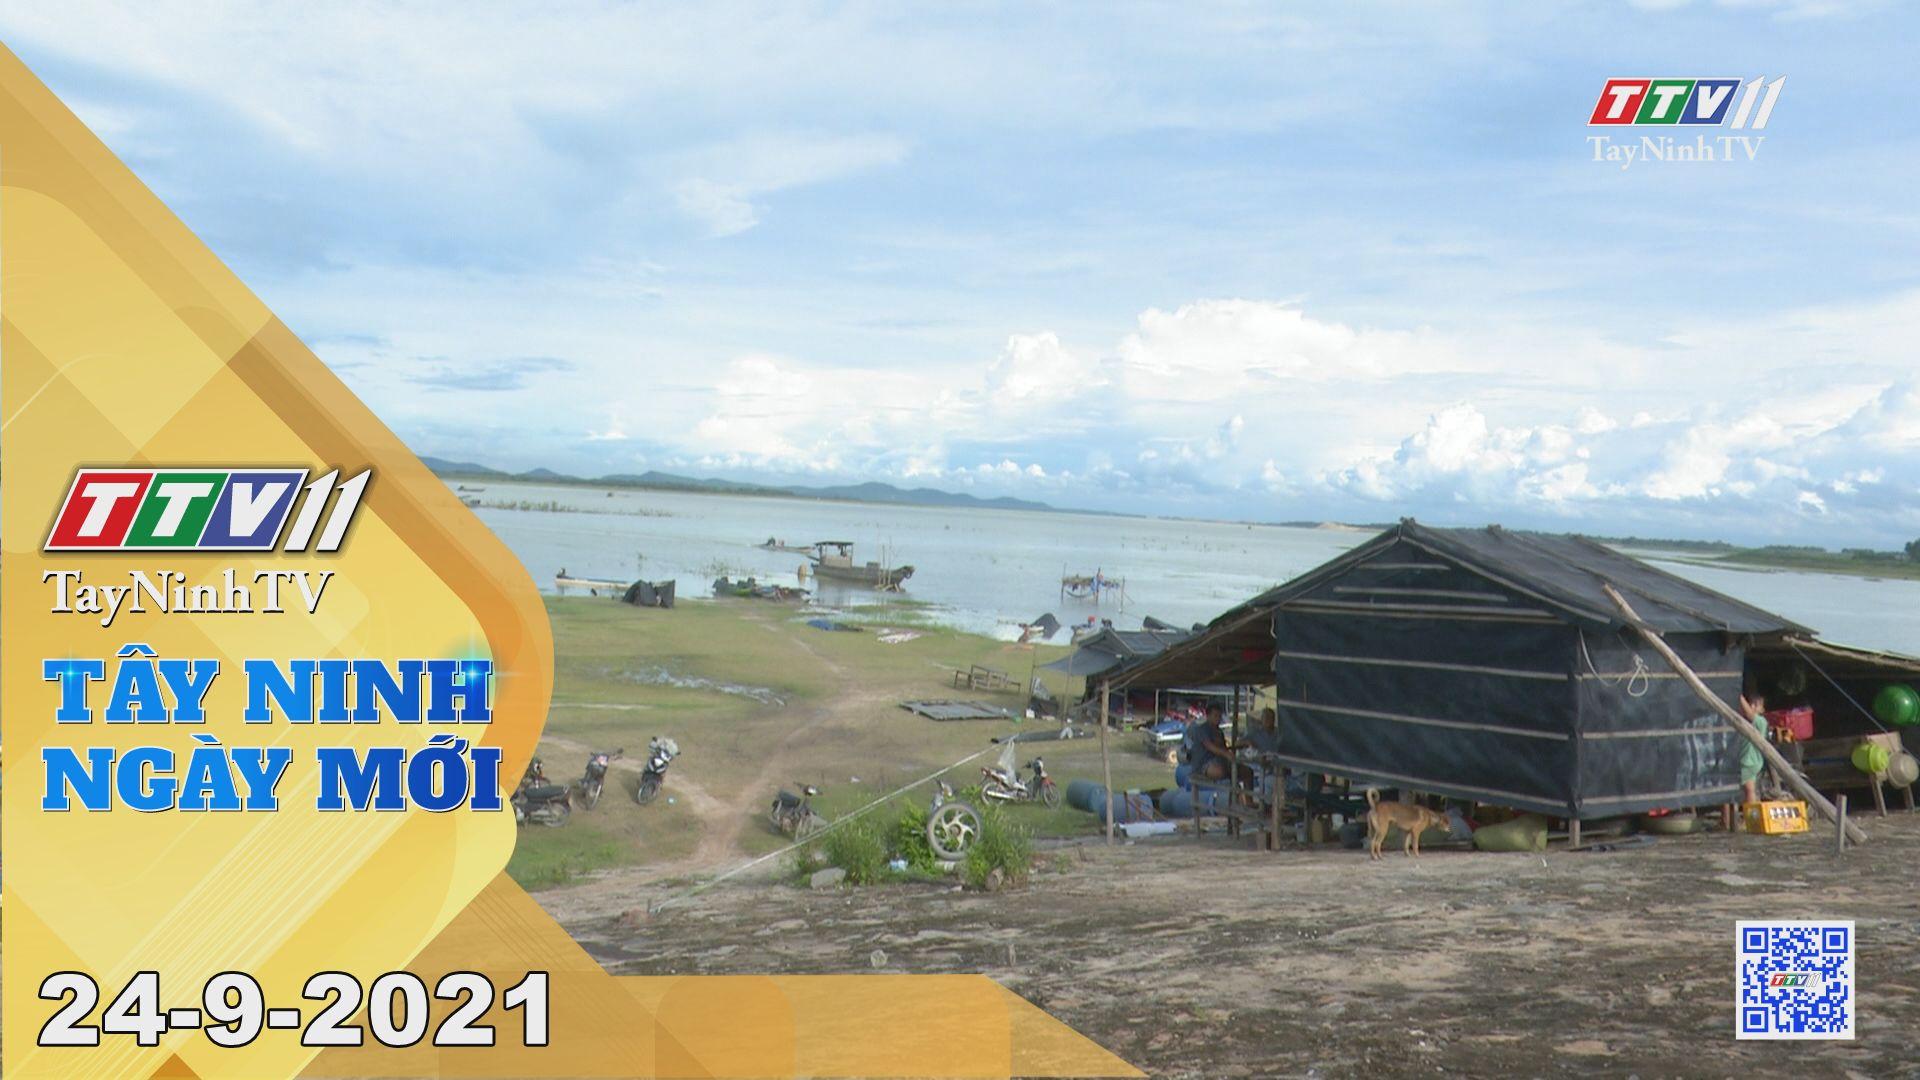 Tây Ninh Ngày Mới 24/9/2021 | Tin tức hôm nay | TayNinhTV